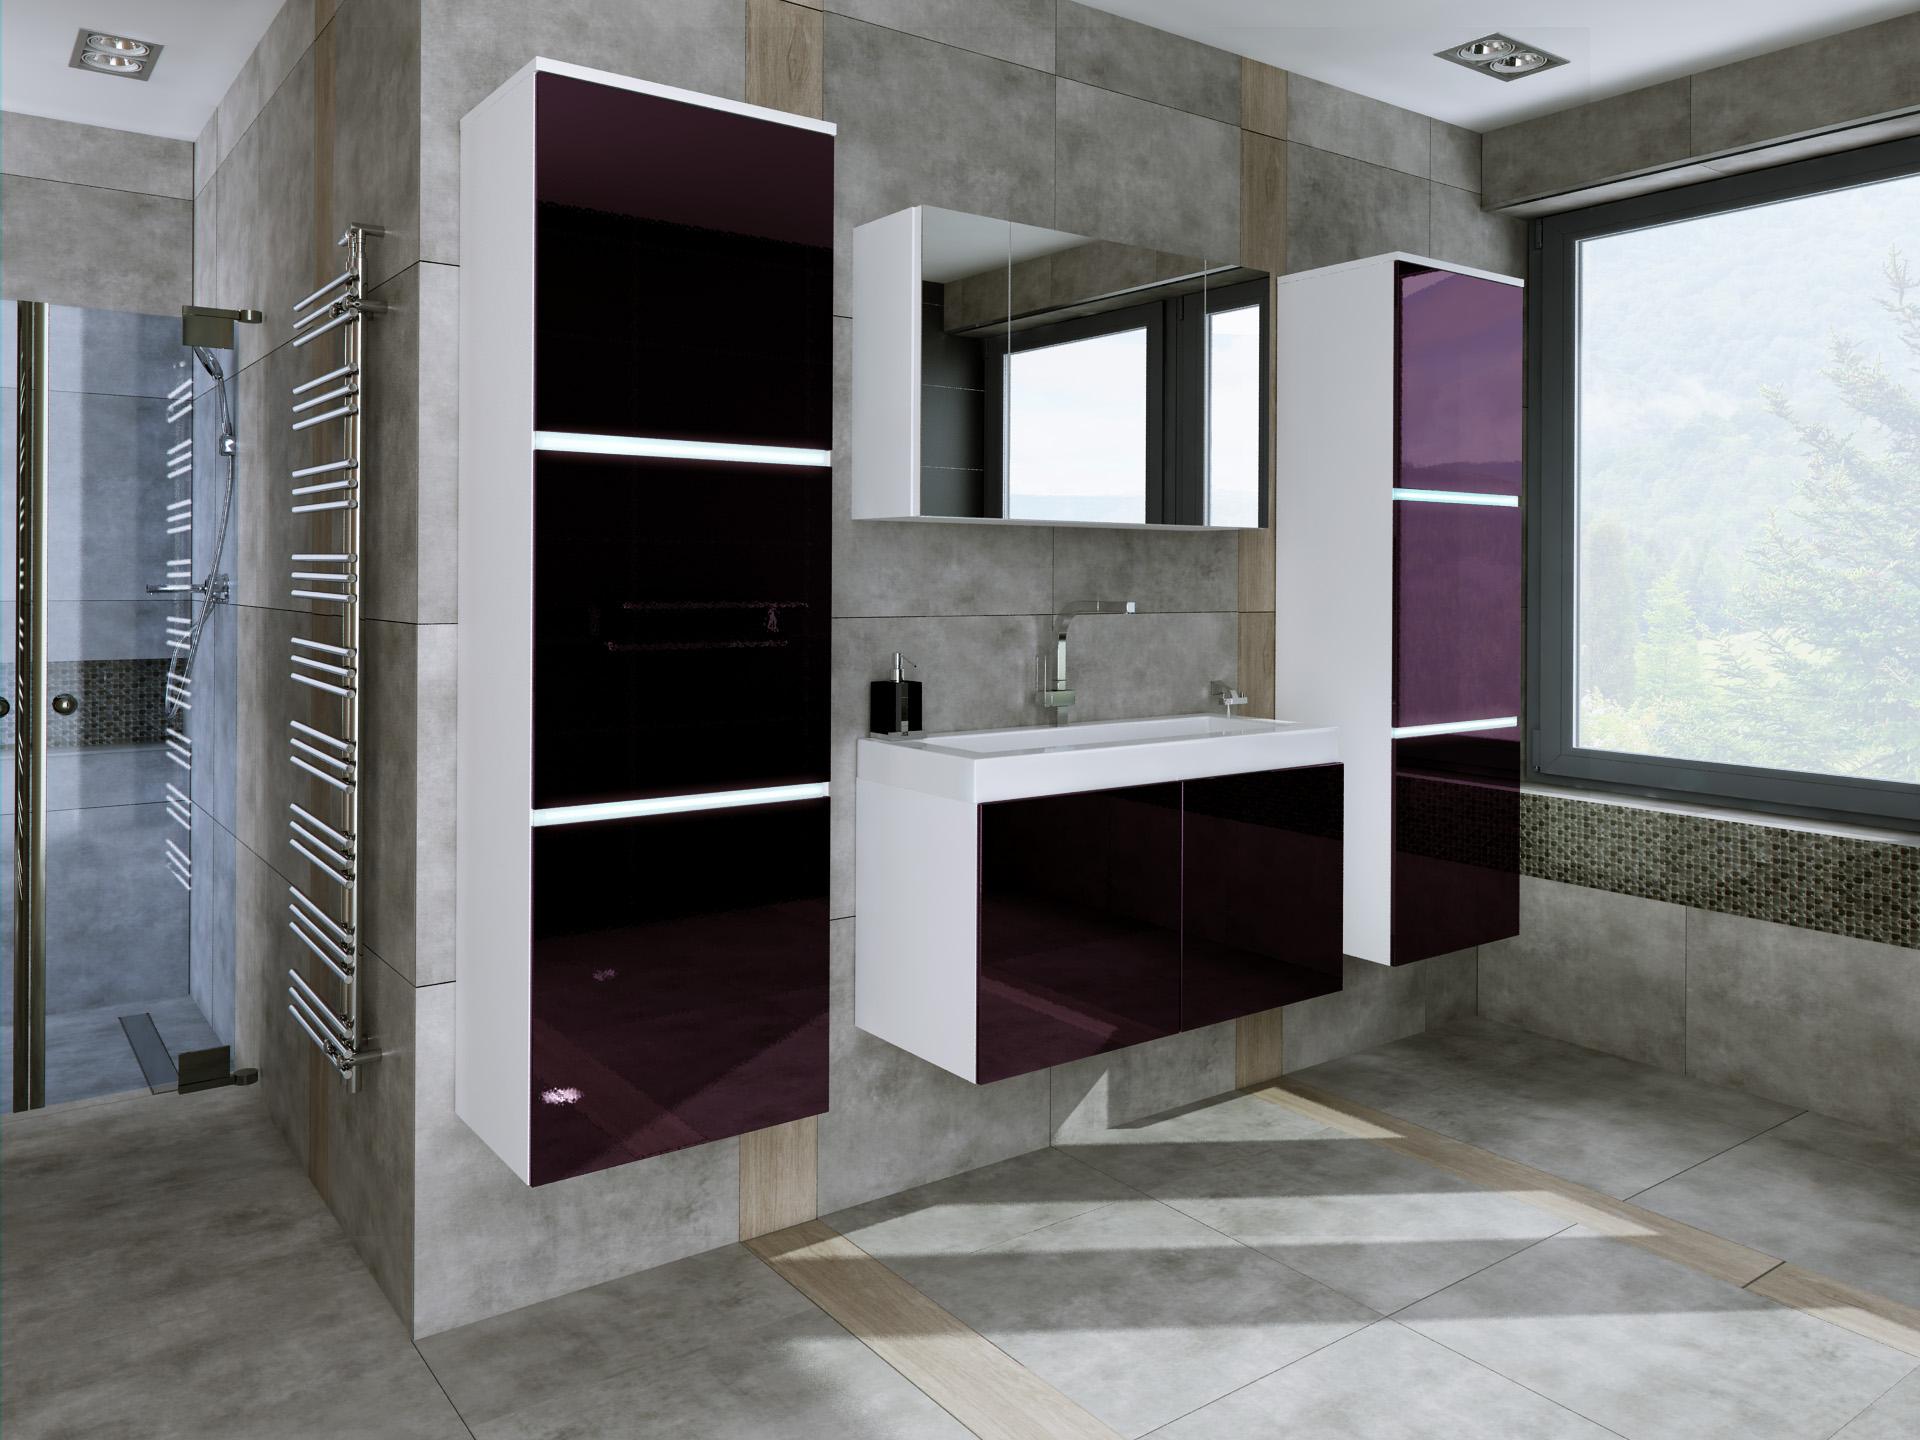 łazienka Fiolet Połysk Nowoczesna Umywalka